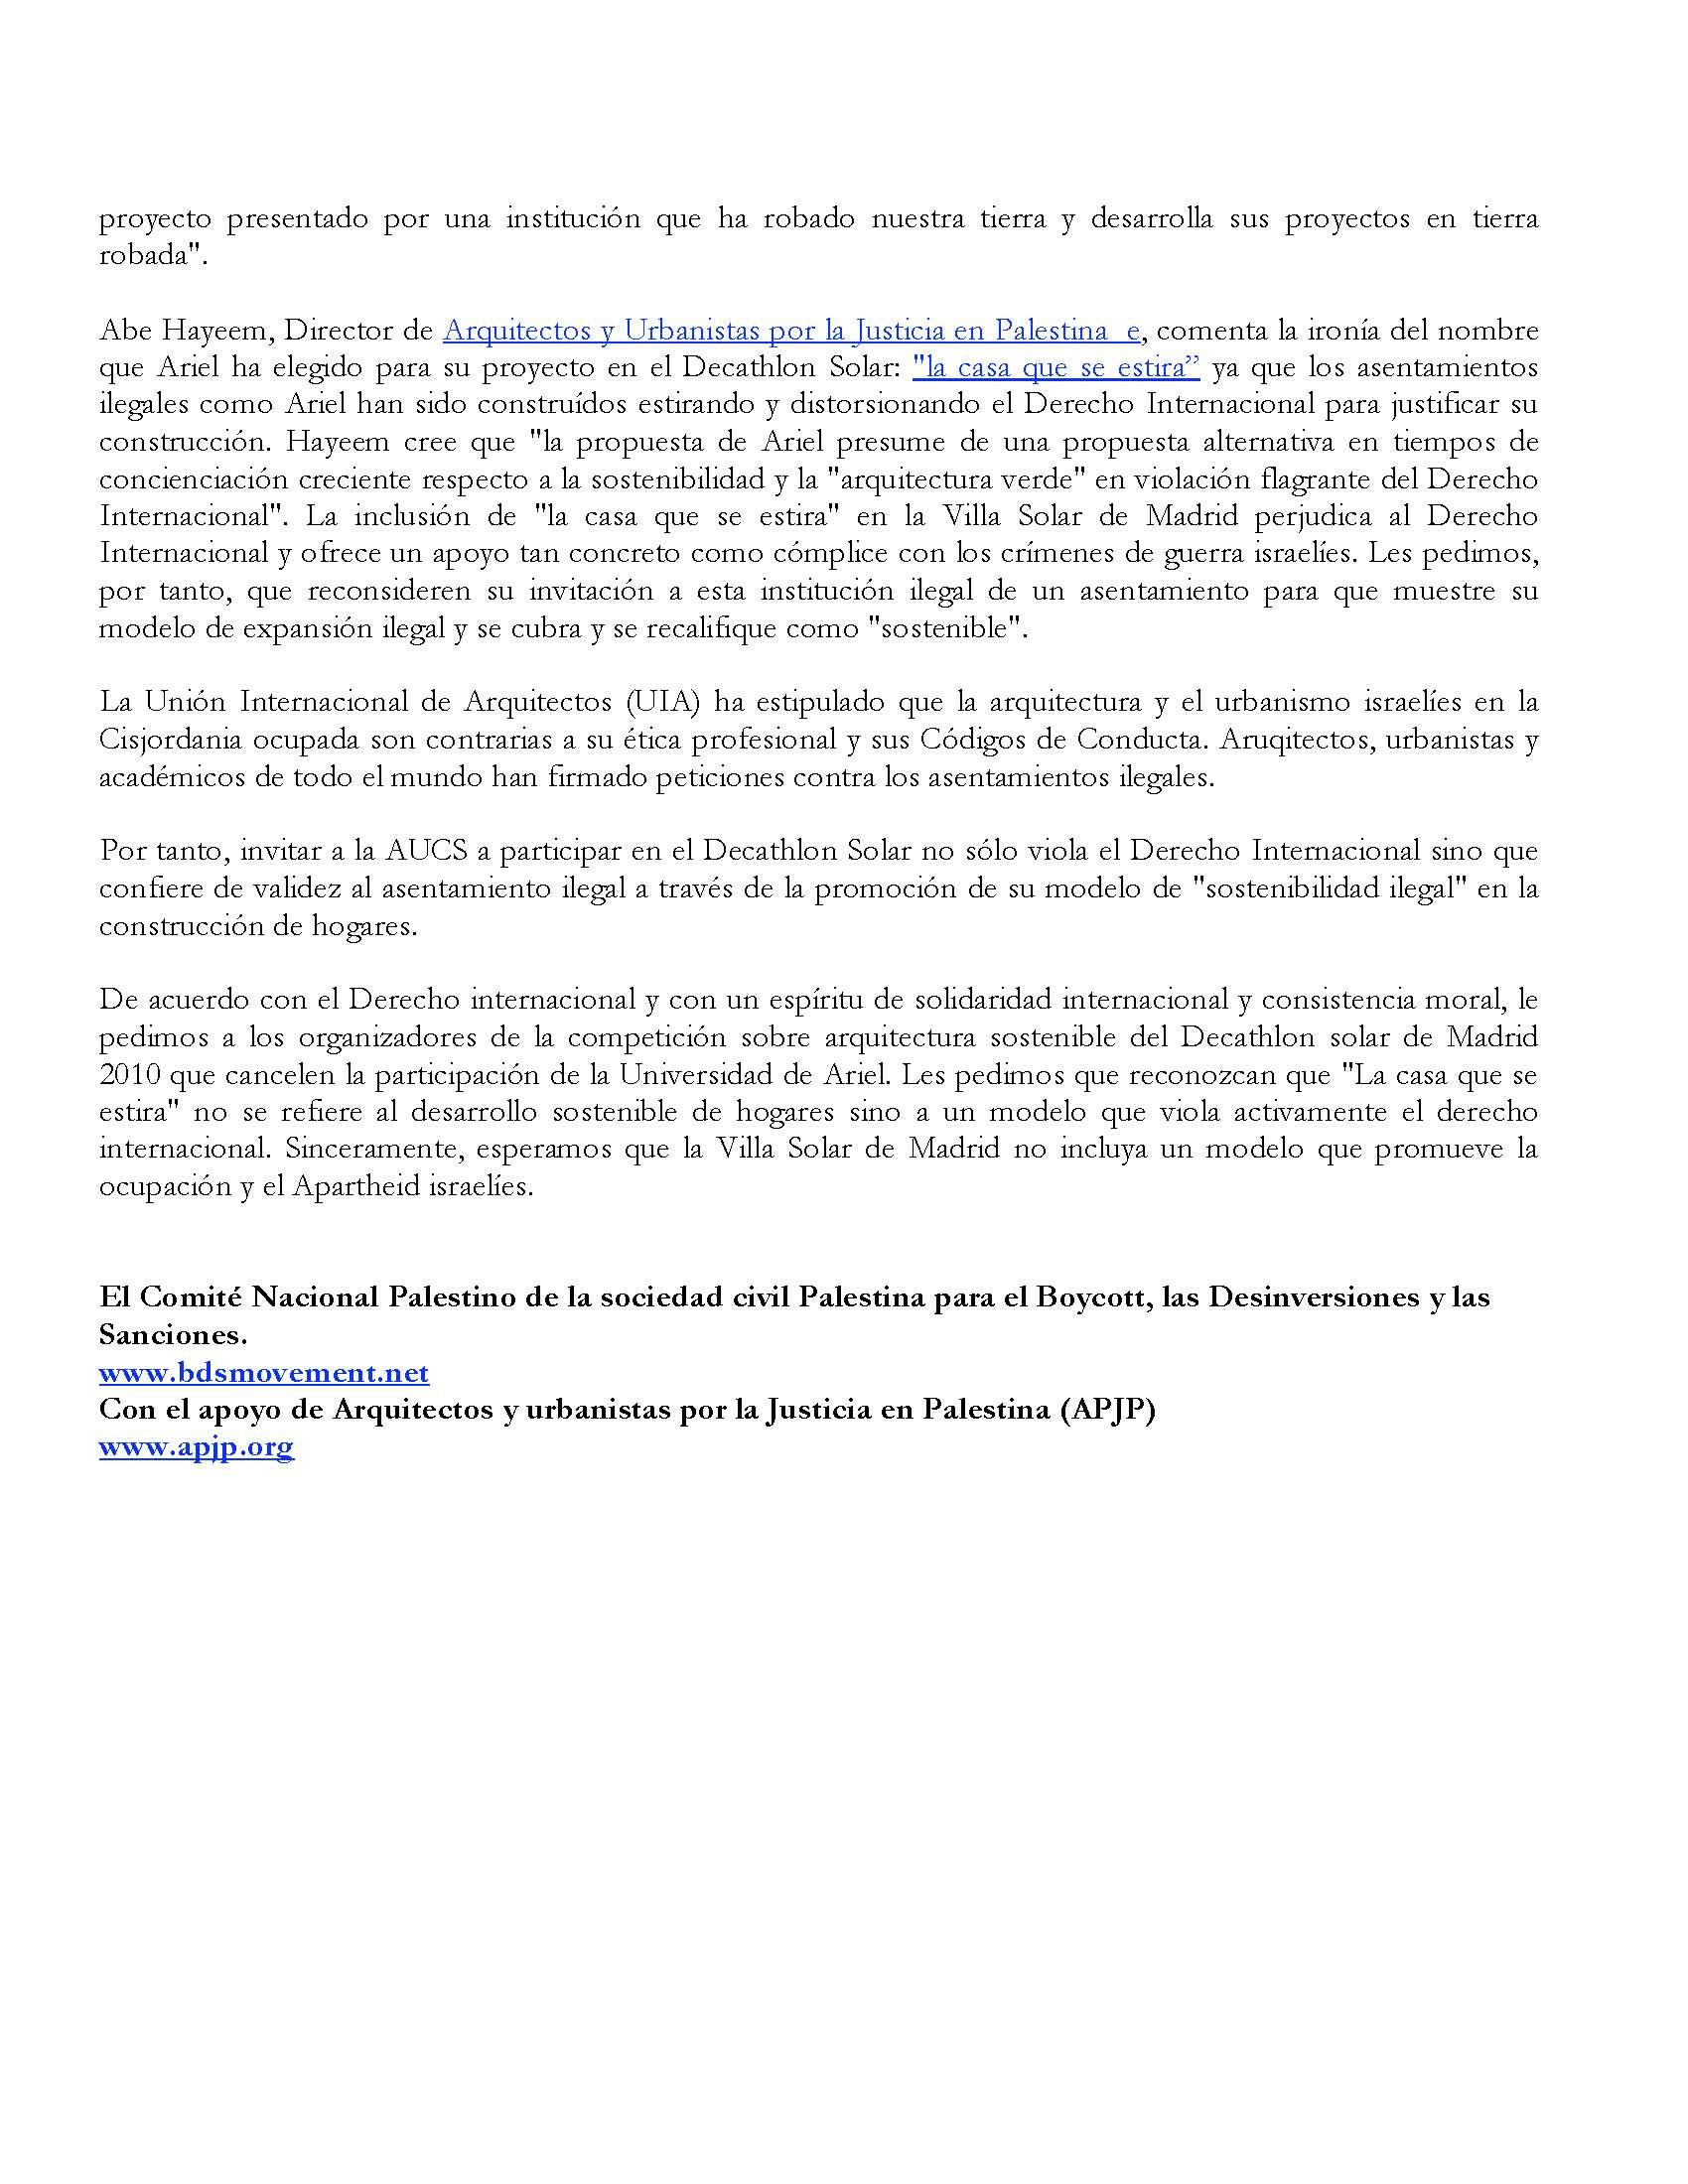 CARTA RESPECTO AL ASENTAMIENTO DE ARIEL_Page_3